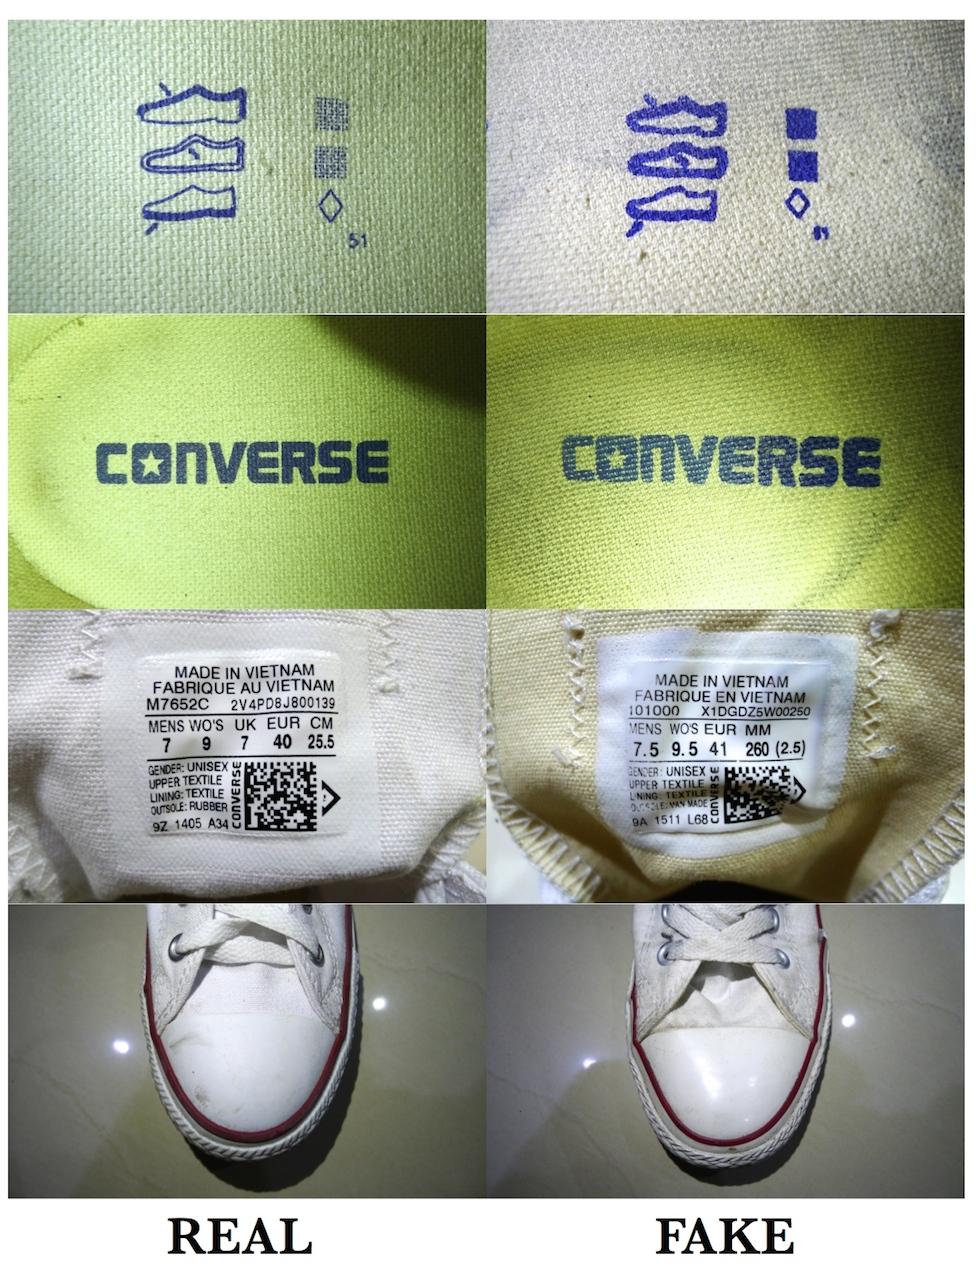 ด้านรายละเอียดบนพื้นรองเท้านั้นดูได้ชัดเจน ของแท้ คำว่าConverseจะไม่ลอก  แต่ถ้าเป็นของปลอม ใส่ไปสักพักจะลอกออกเพราะการเสียดสีระหว่างใส่ 3f4e54067